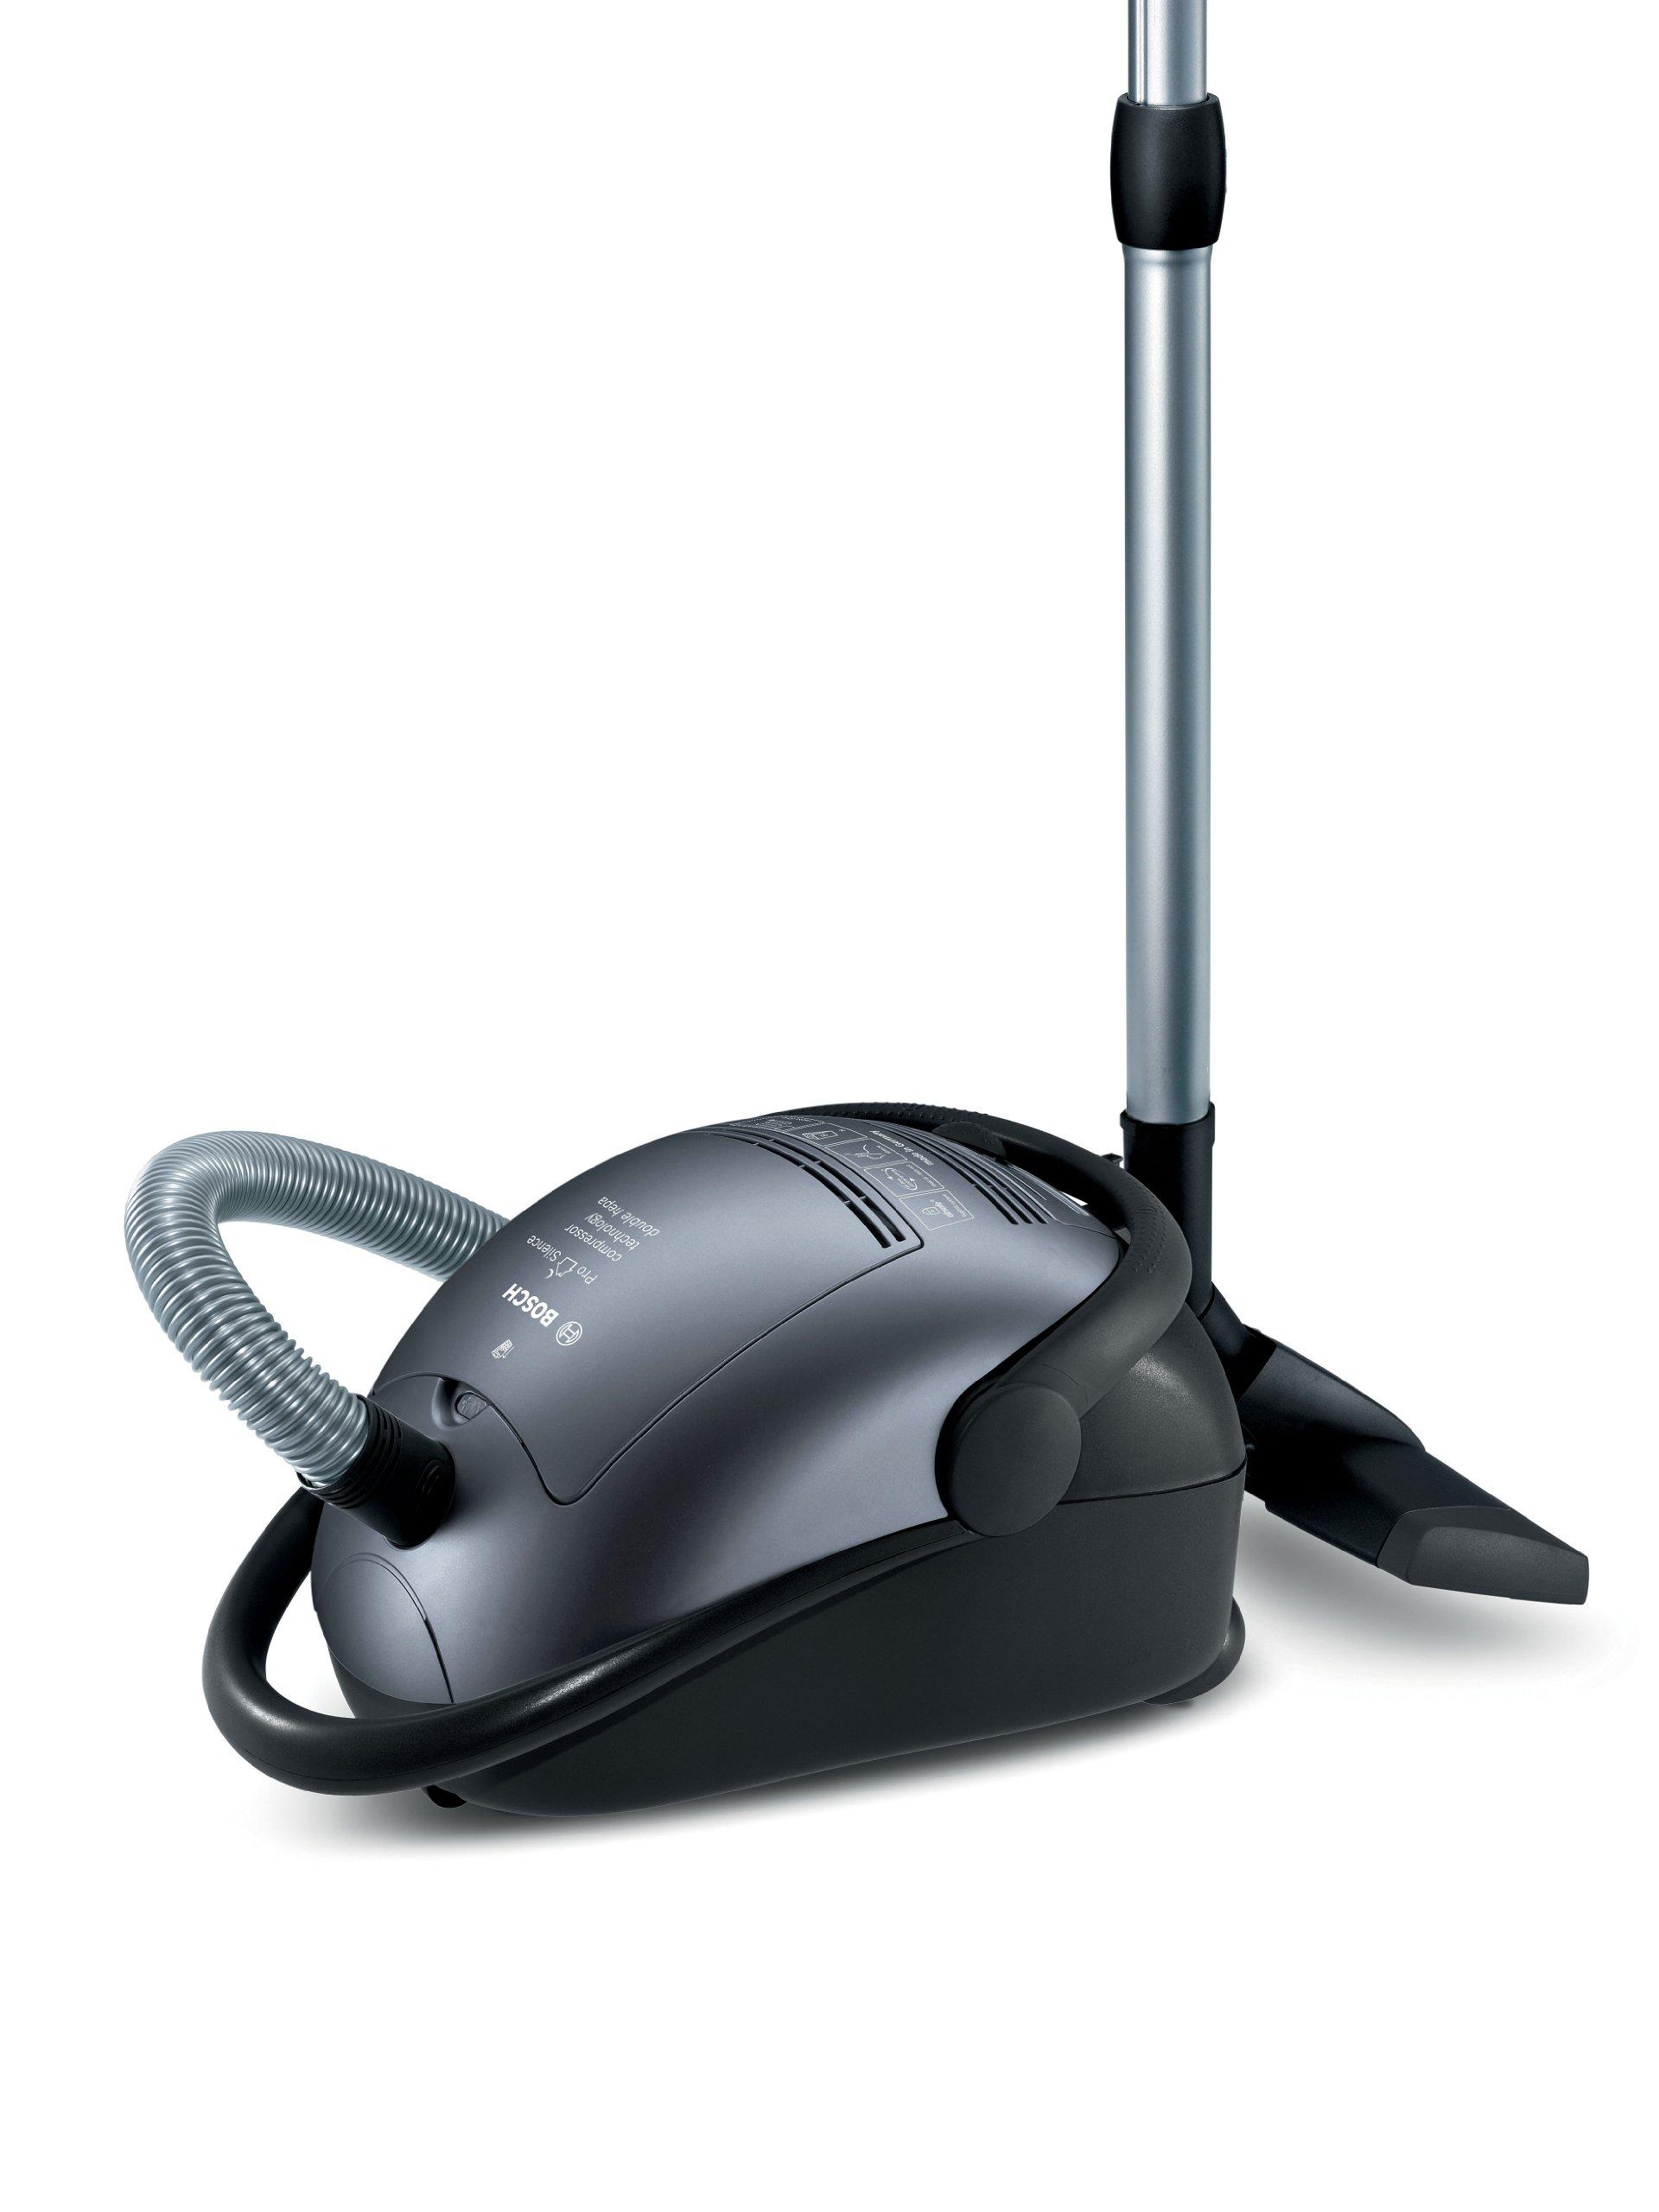 Bosch BSG71636, 2400 W, HEPA, Plata, 71 Db, 5700 g - Aspirador: Amazon.es: Hogar